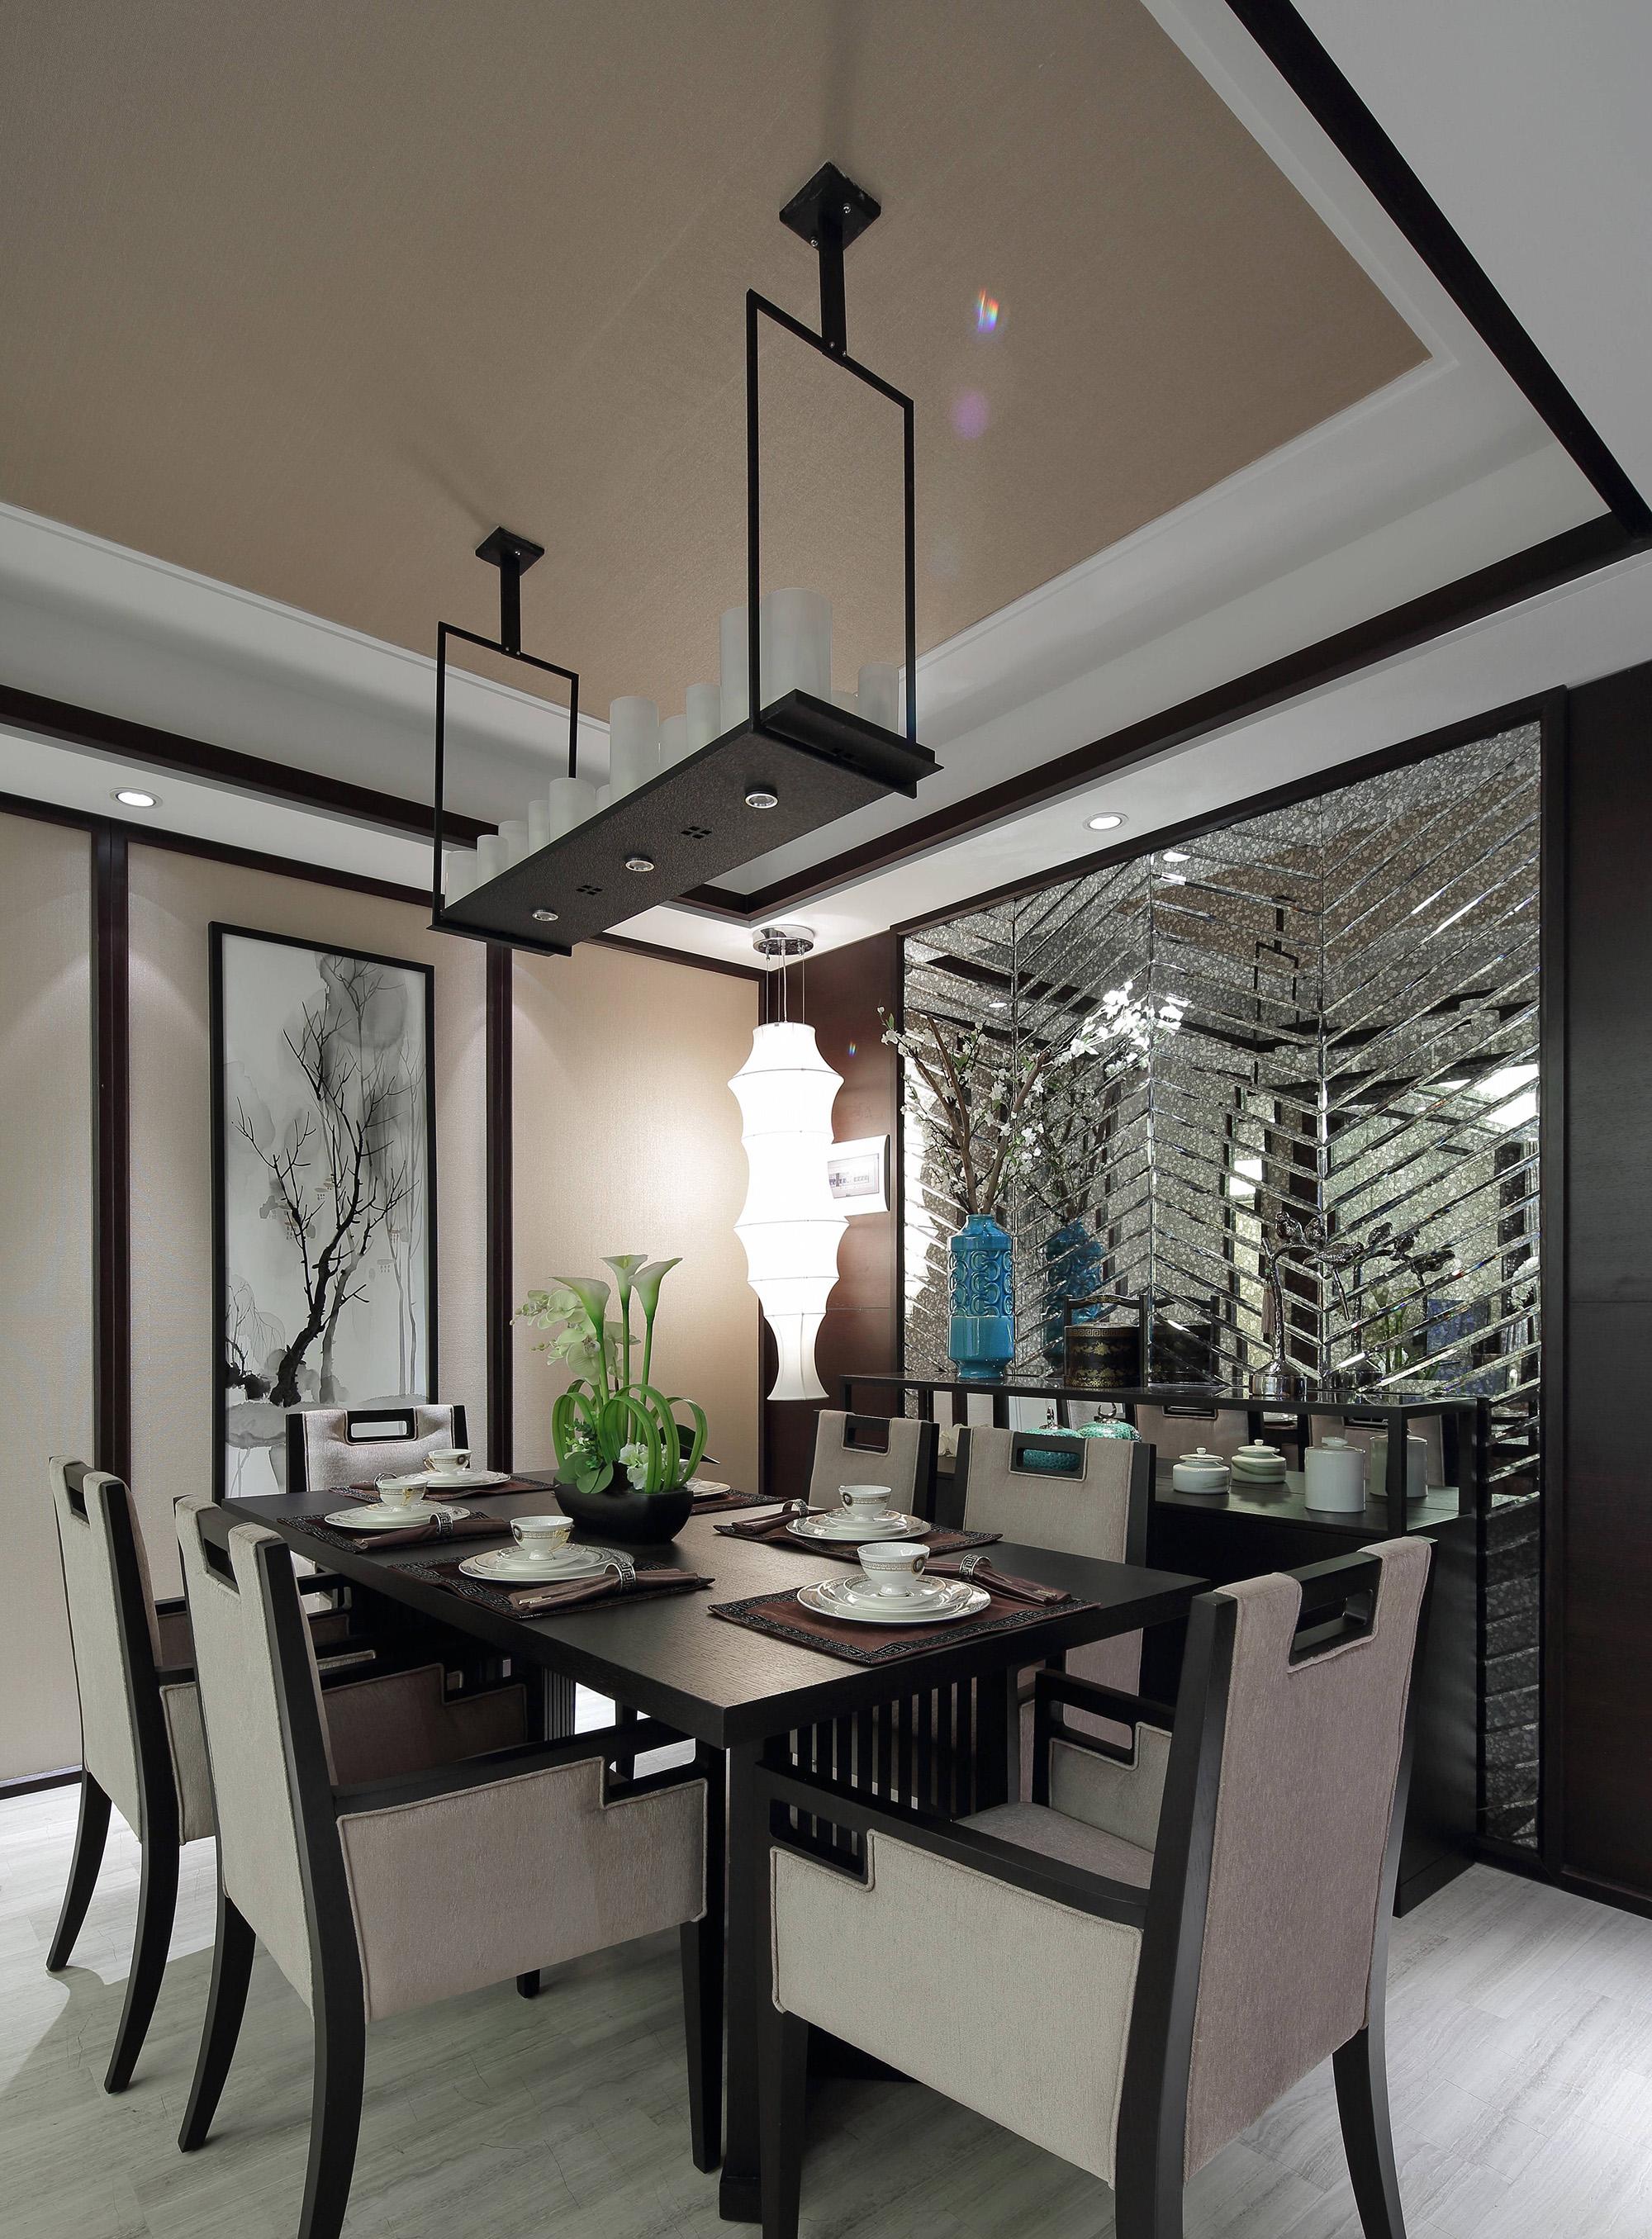 新中式风格样板房餐厅装修效果图